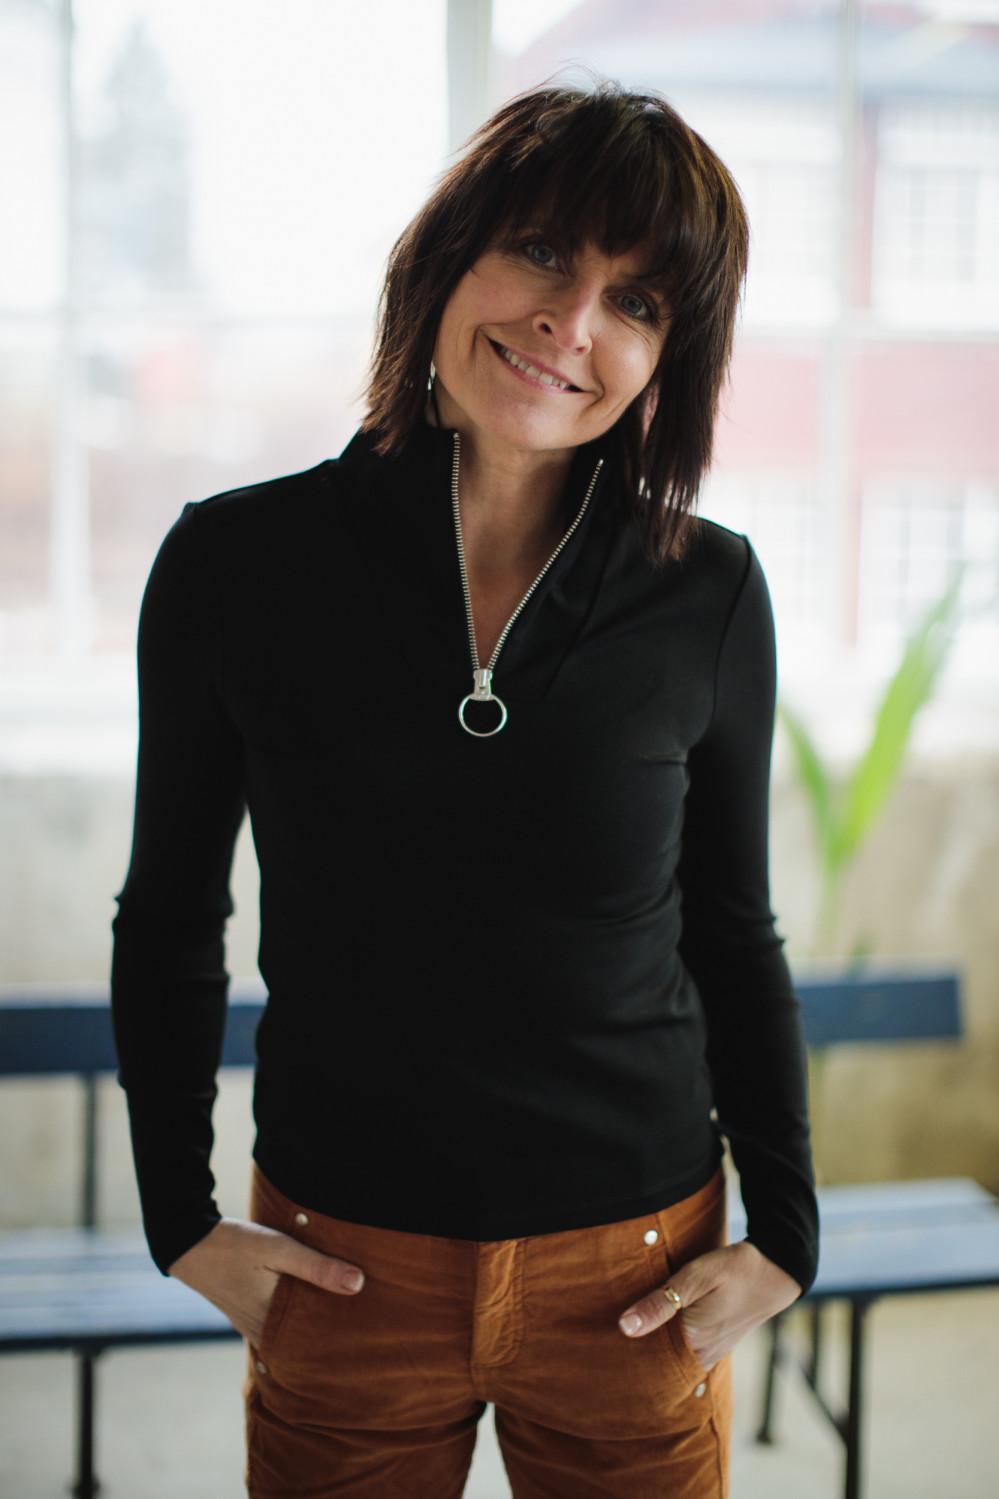 AnnabellW blouse